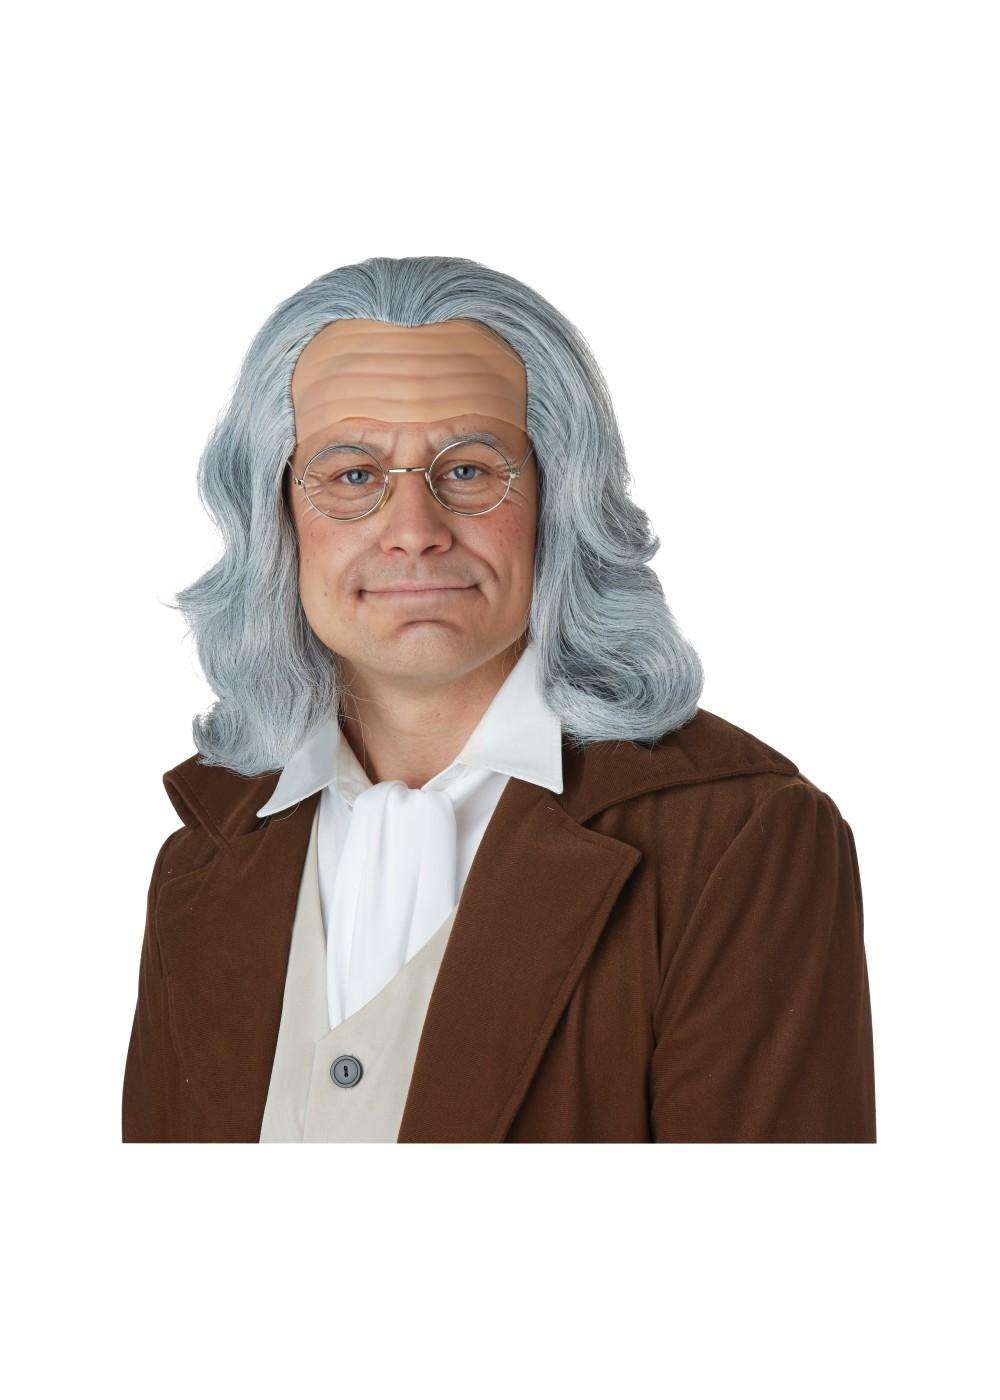 benjamin franklin wig wigs